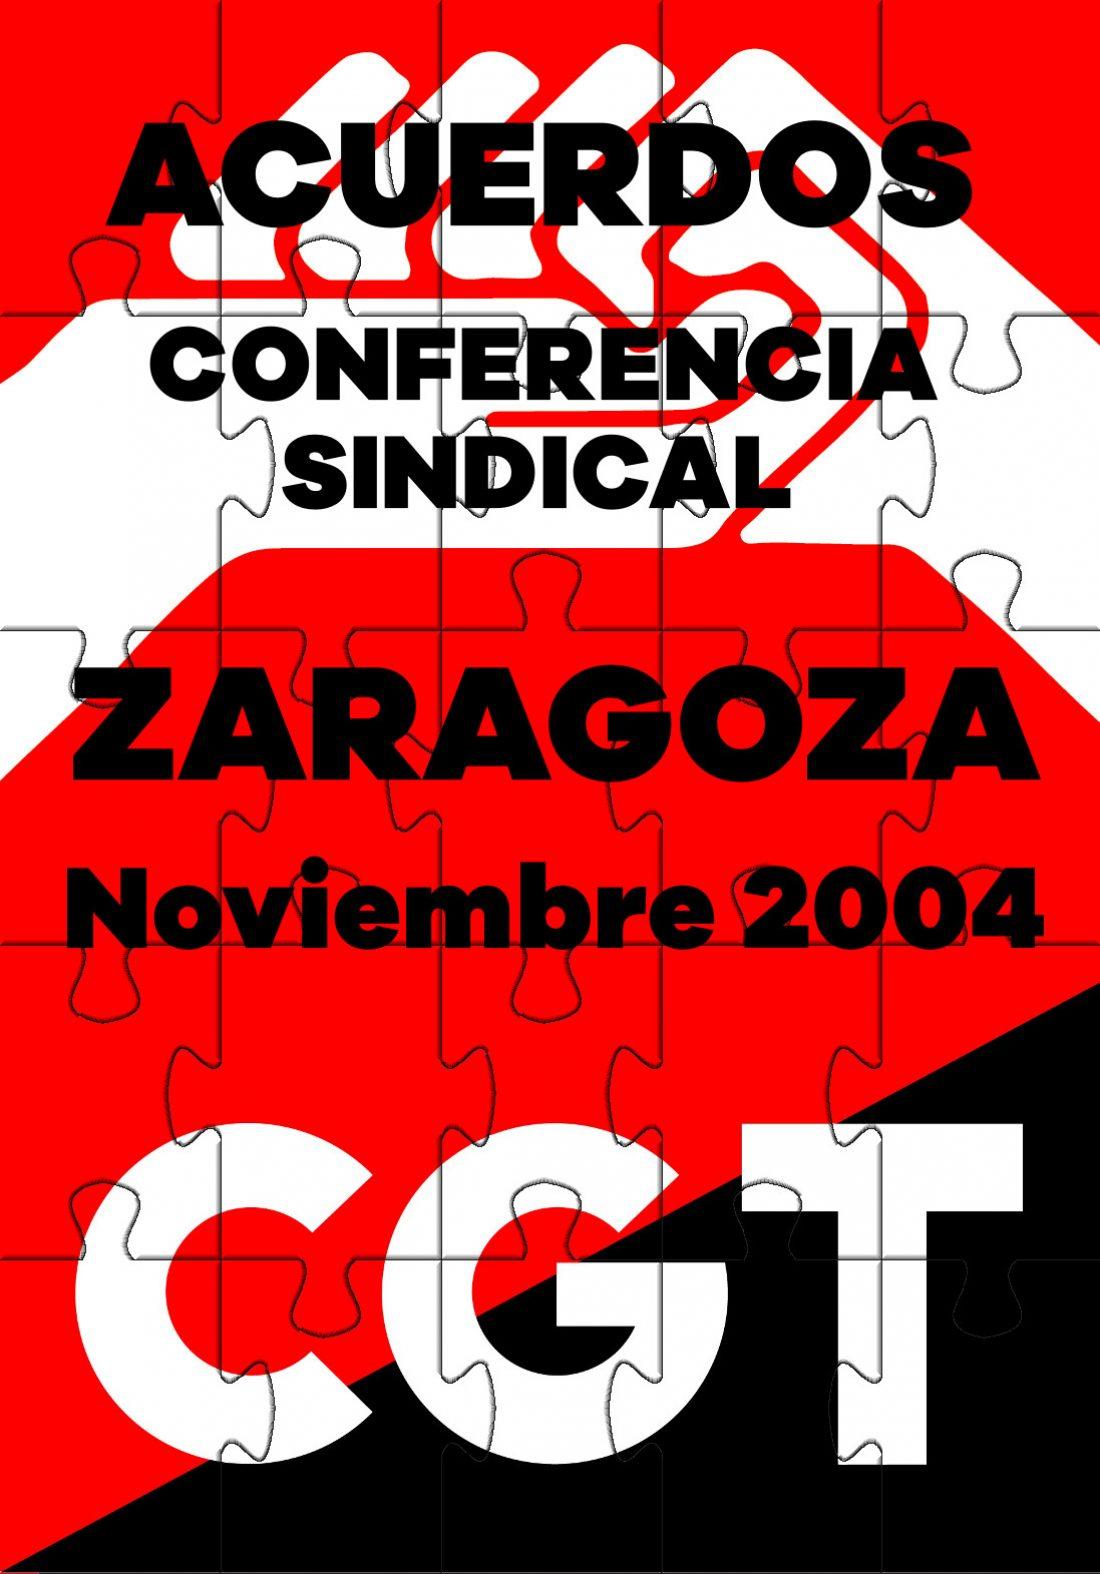 VI Conferencia Sindical Zaragoza 2004